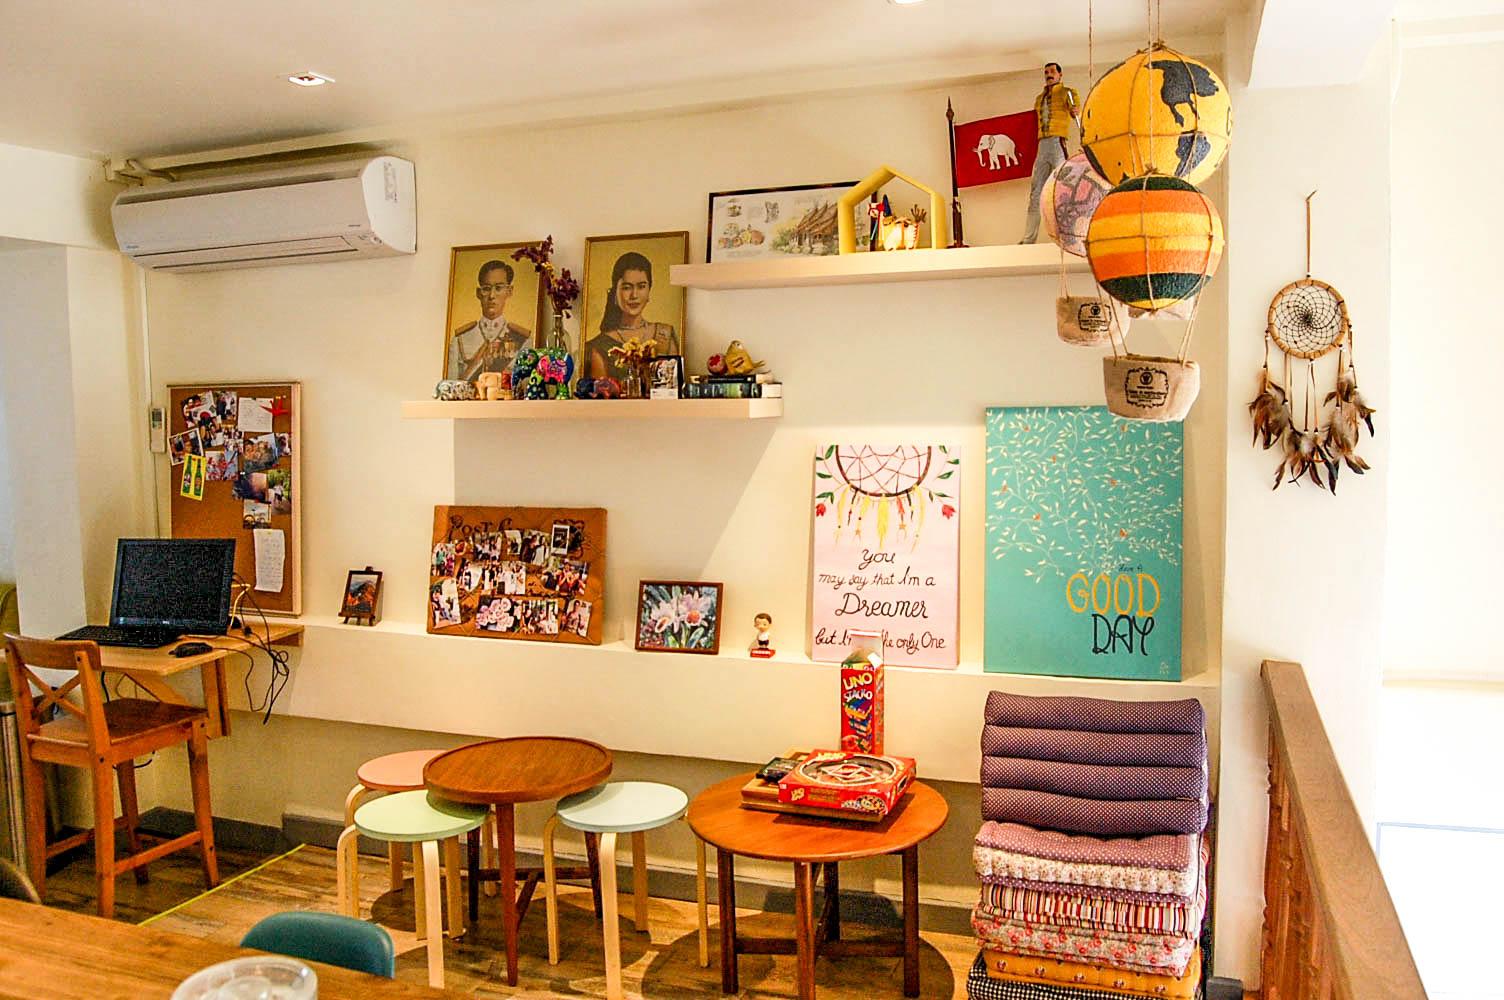 Female Dorm Room 4 Bunk Beds Hostels For Rent In Bangkok Thailand Thailand